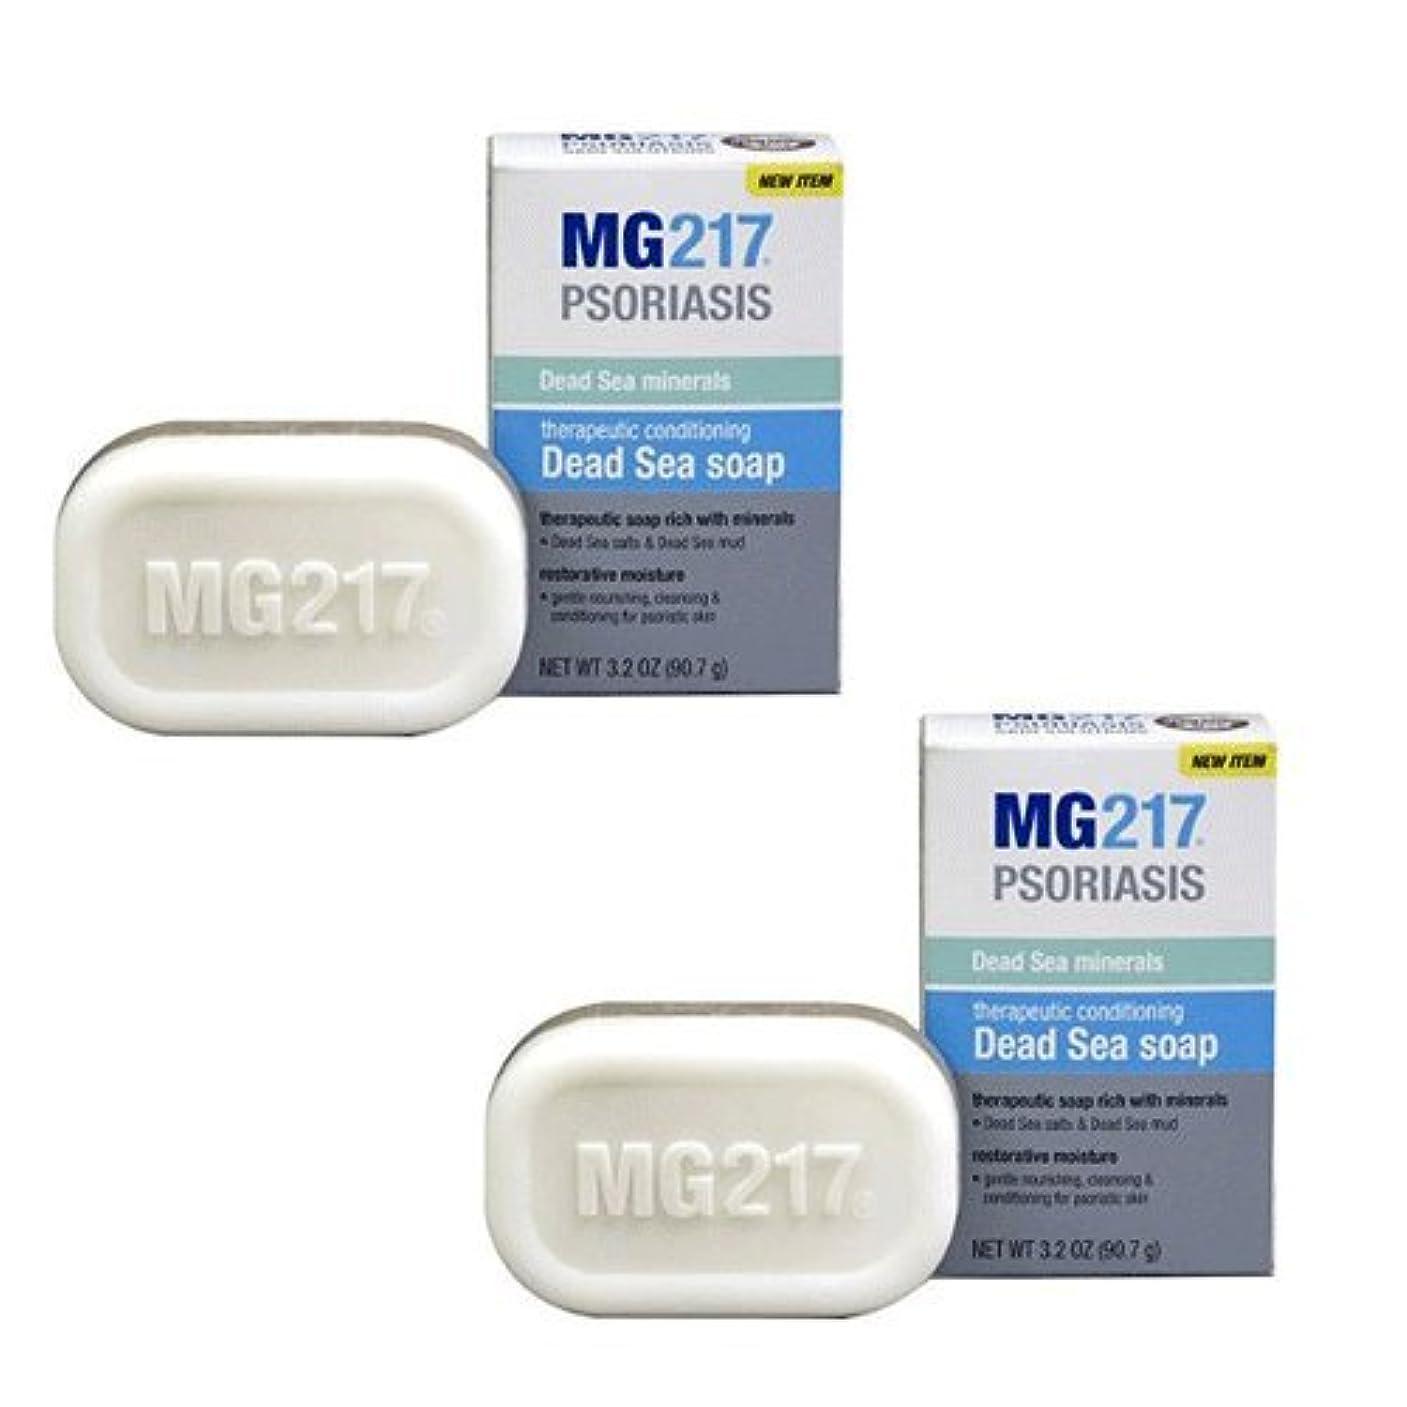 お手入れ環境に優しい有害2個セット 死海の泥とミネラルたっぷり MG217ソープ 90g MG217 Psoriasis Therapeutic Conditioning Dead Sea Bar Soap